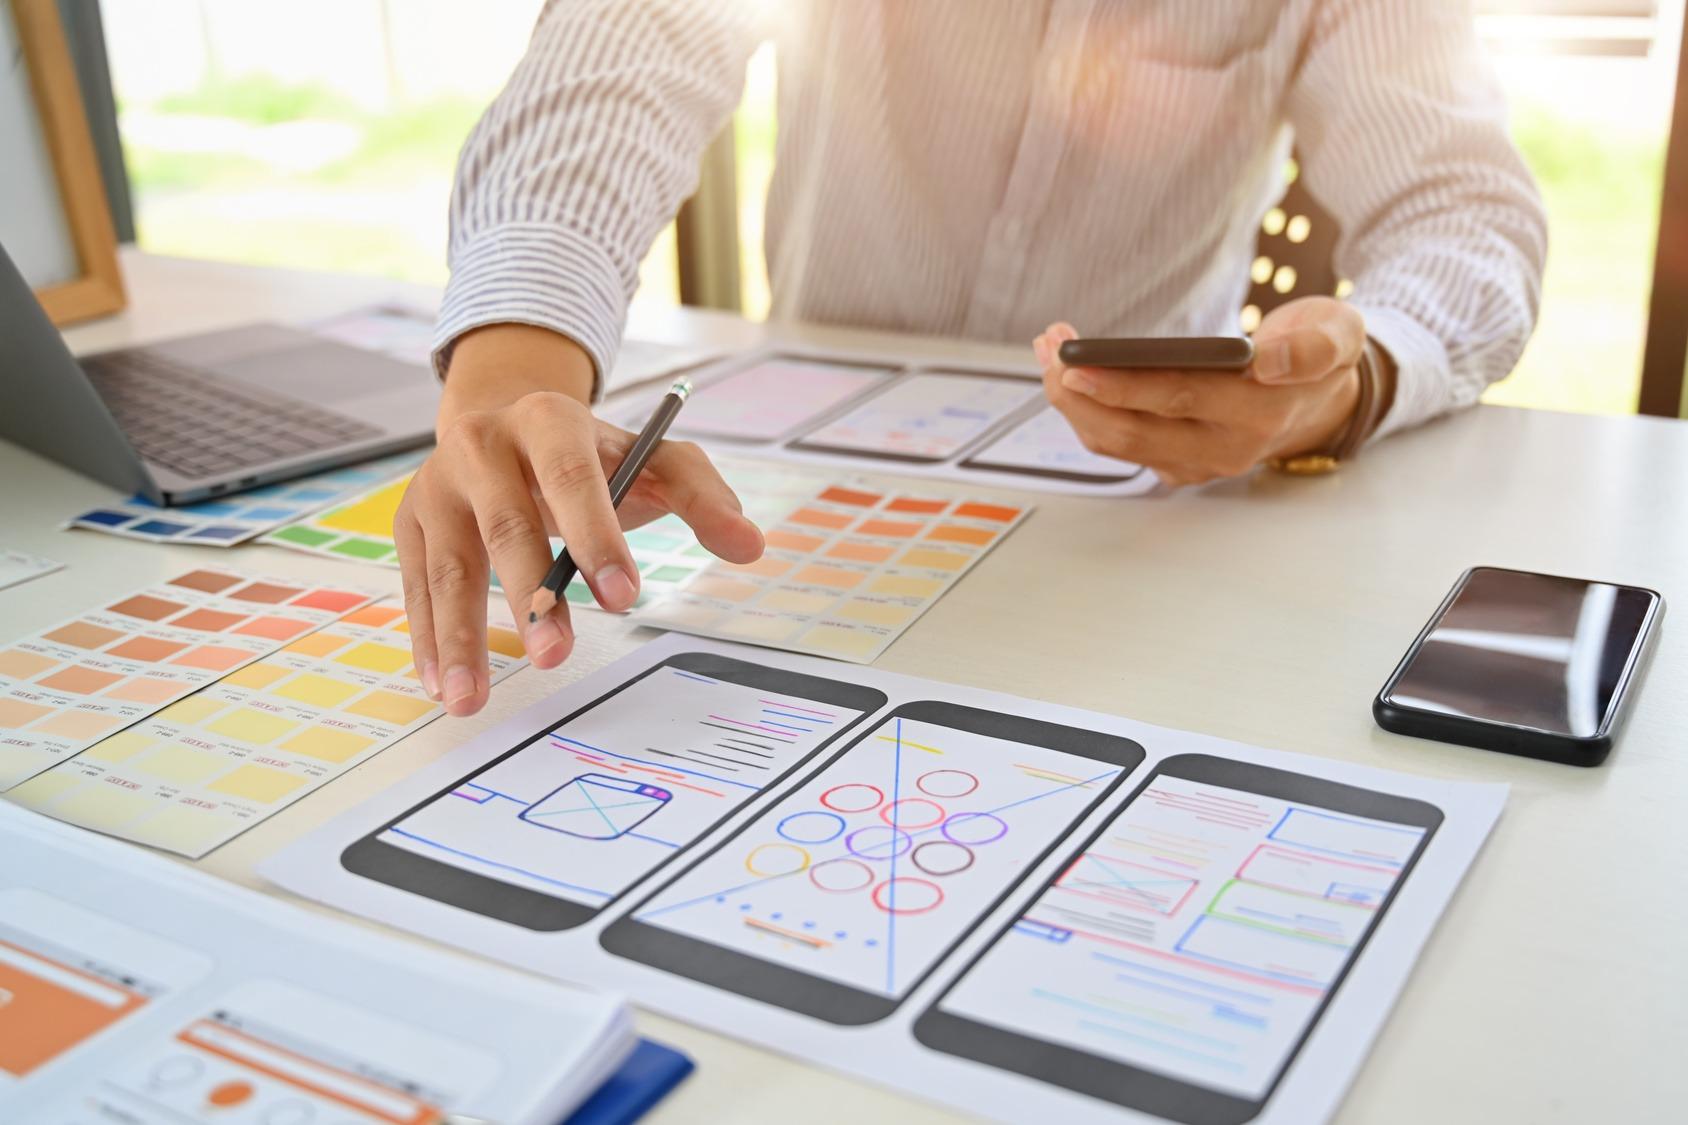 Ein UX Designer konzipert ein Layout für eine Web App am Schreibtisch. Er hat ein Smartphone und einen Stift in der Hand, vor ihm liegen Konzeptzeichnungen.